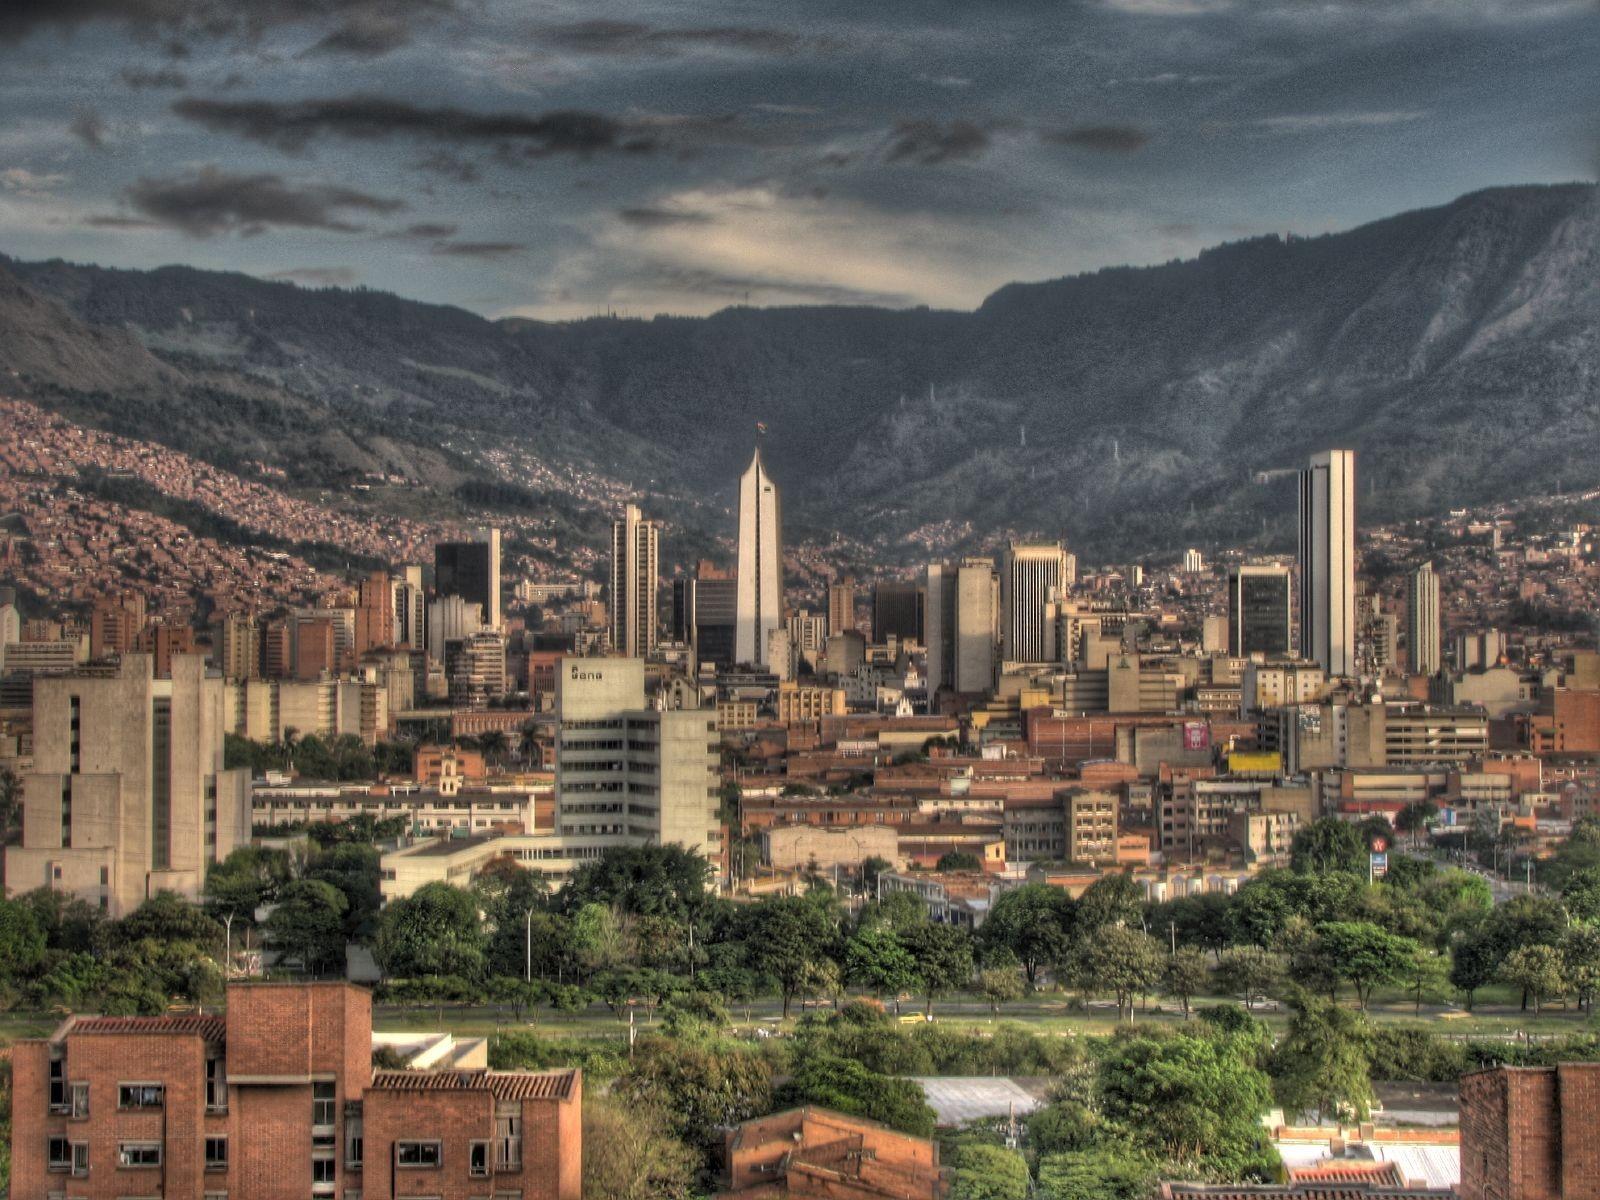 ¿Qué busca un concurso de arquitectura?: la lección de Medellín, Medellín. Image © DavidPLP [Flickr]